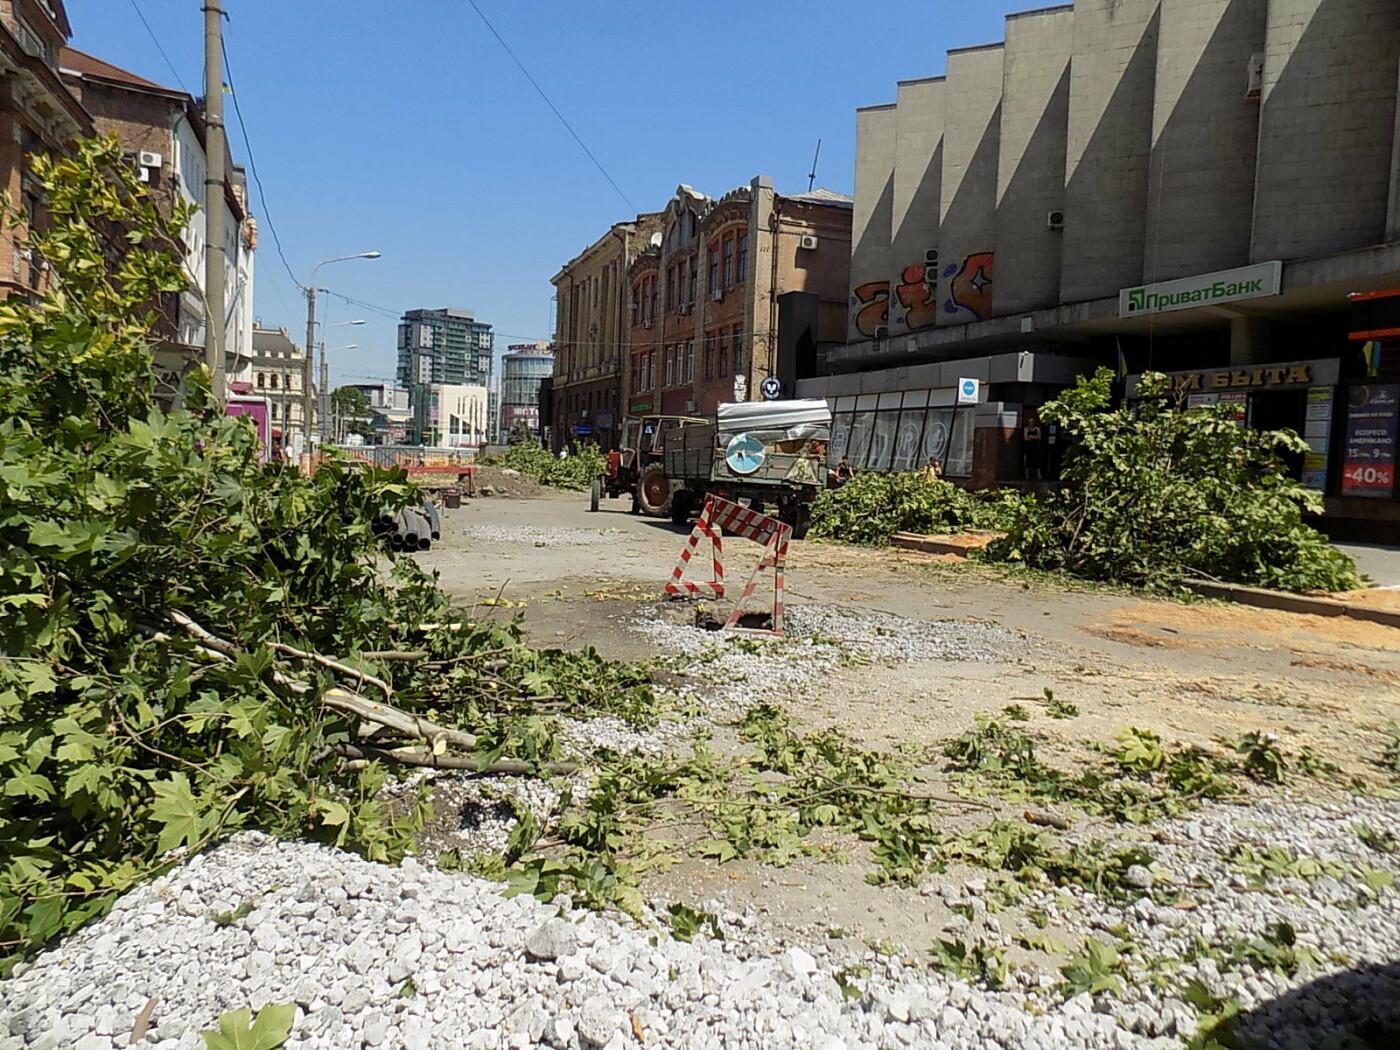 В Днепре провели «похороны» деревьев с Короленко: последние деревья срубили, пока город спал, - ФОТО, фото-3